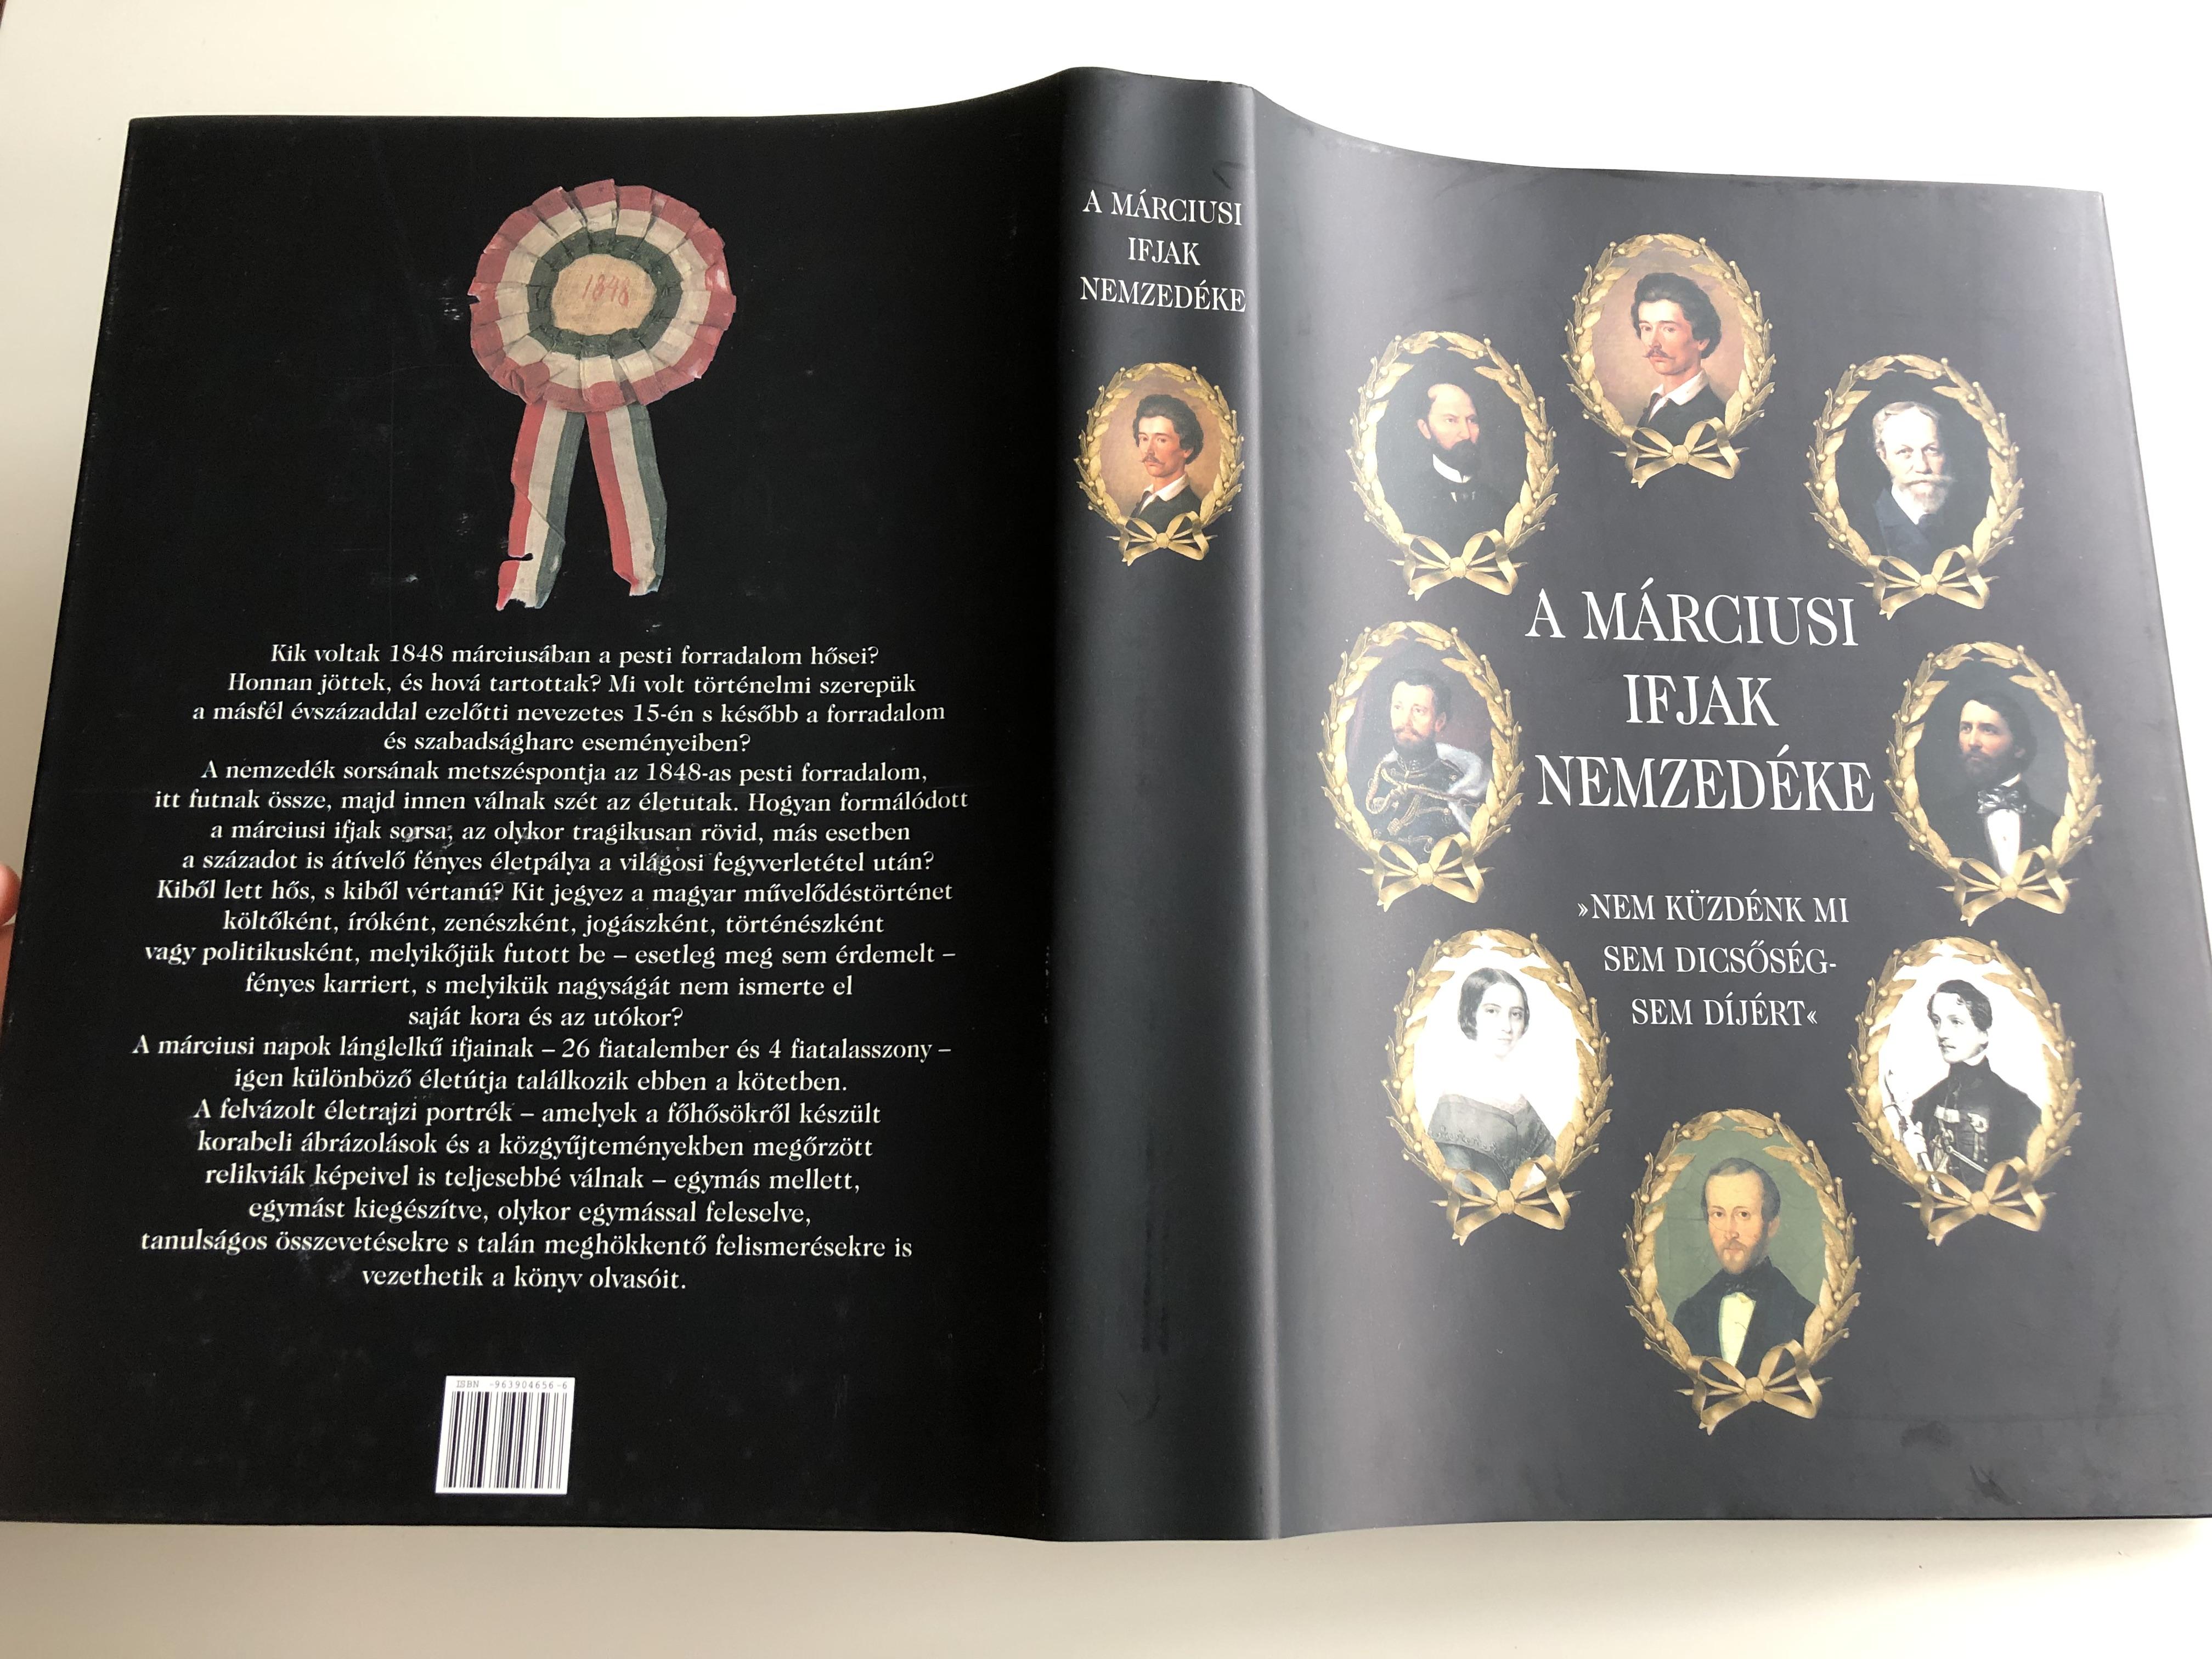 a-m-rciusi-ifjak-nemzed-ke-nem-k-zd-nk-mi-sem-dics-s-g-sem-d-j-rt-acz-l-eszter-basics-beatrix-hermann-r-bert-kalla-zsuzsa-szil-gyi-m-rton-editor-k-rm-czi-katalin-paperback-2000-magyar-nemzeti-m-zeum-21-.jpg